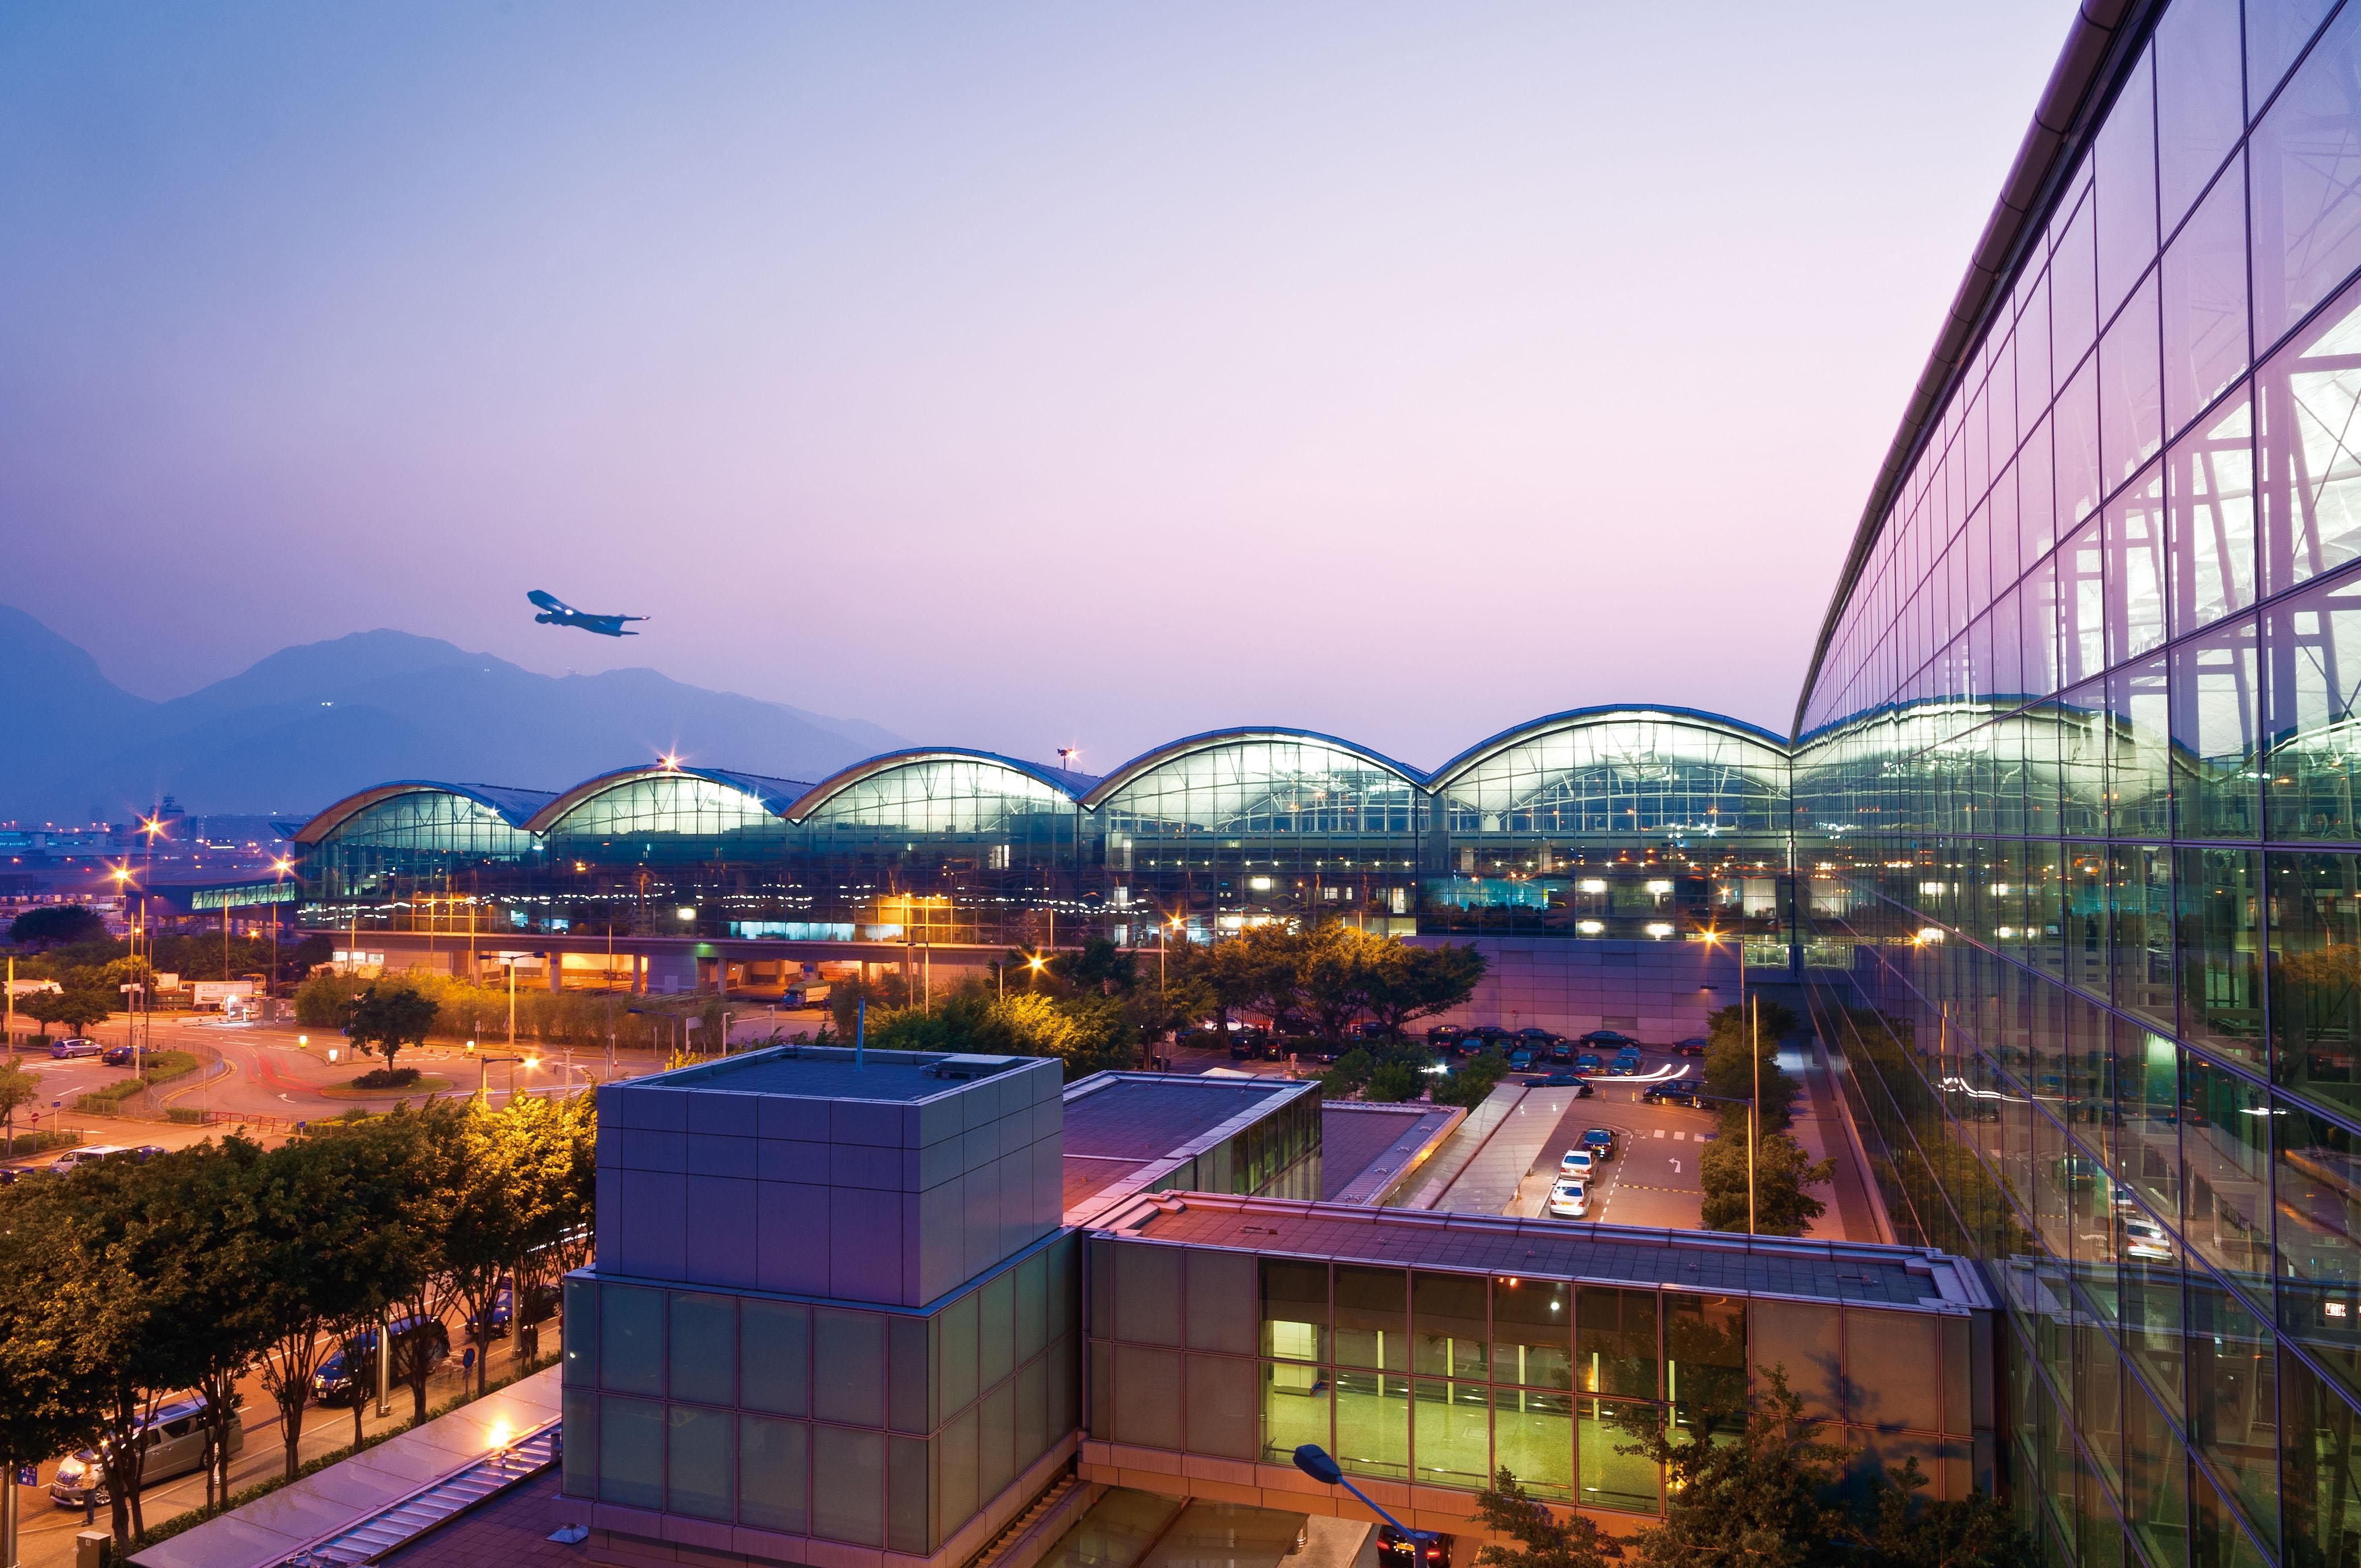 No. 2 International: Hong Kong International Airport, China